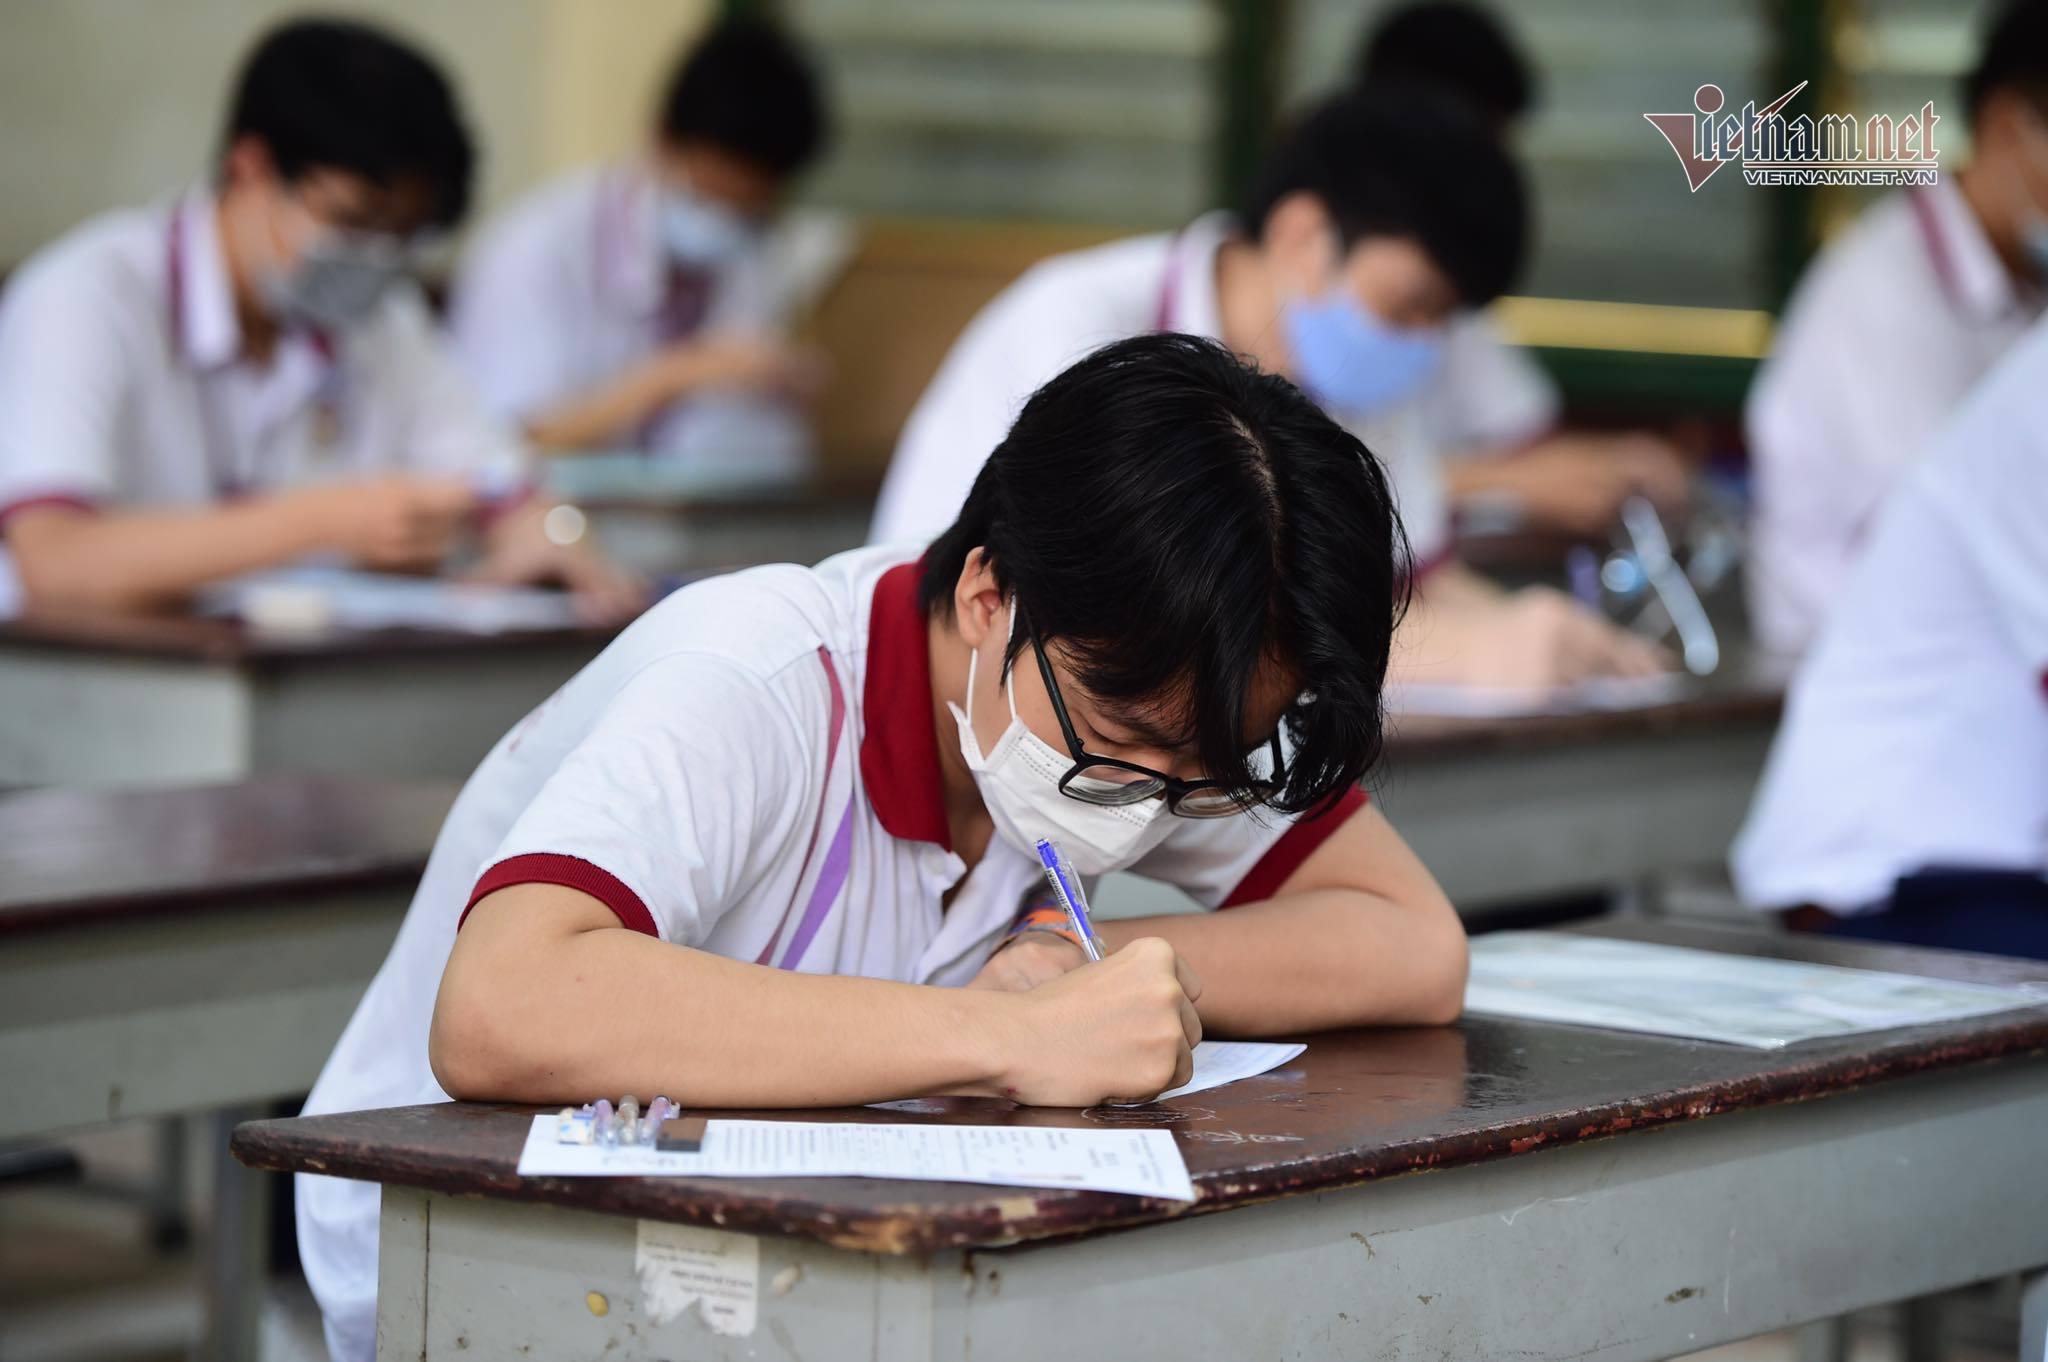 Đề thi Toán phân hóa cao, 'thuận lợi' để xét tuyển đại học